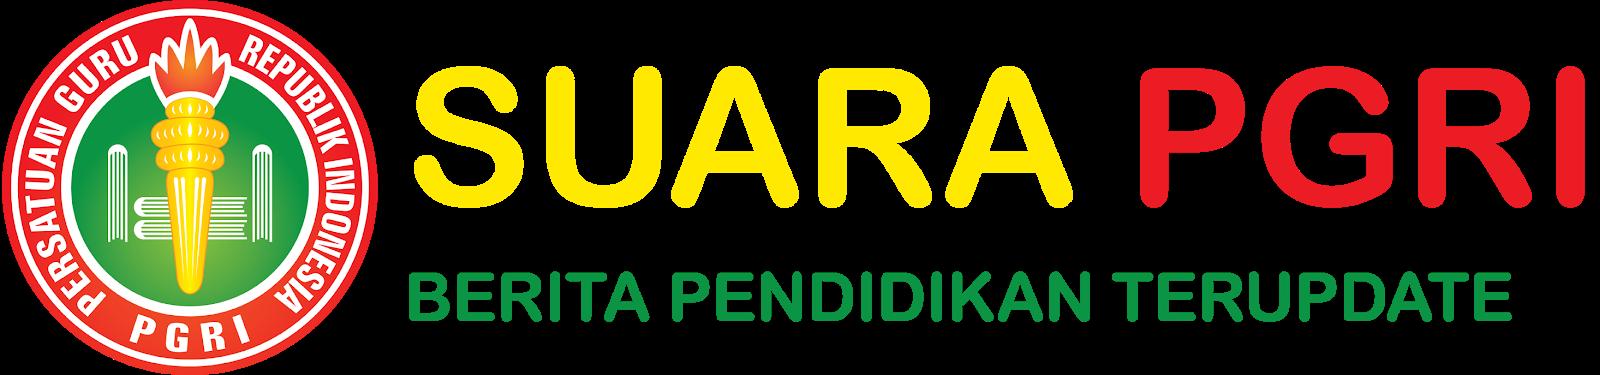 SUARAPGRI